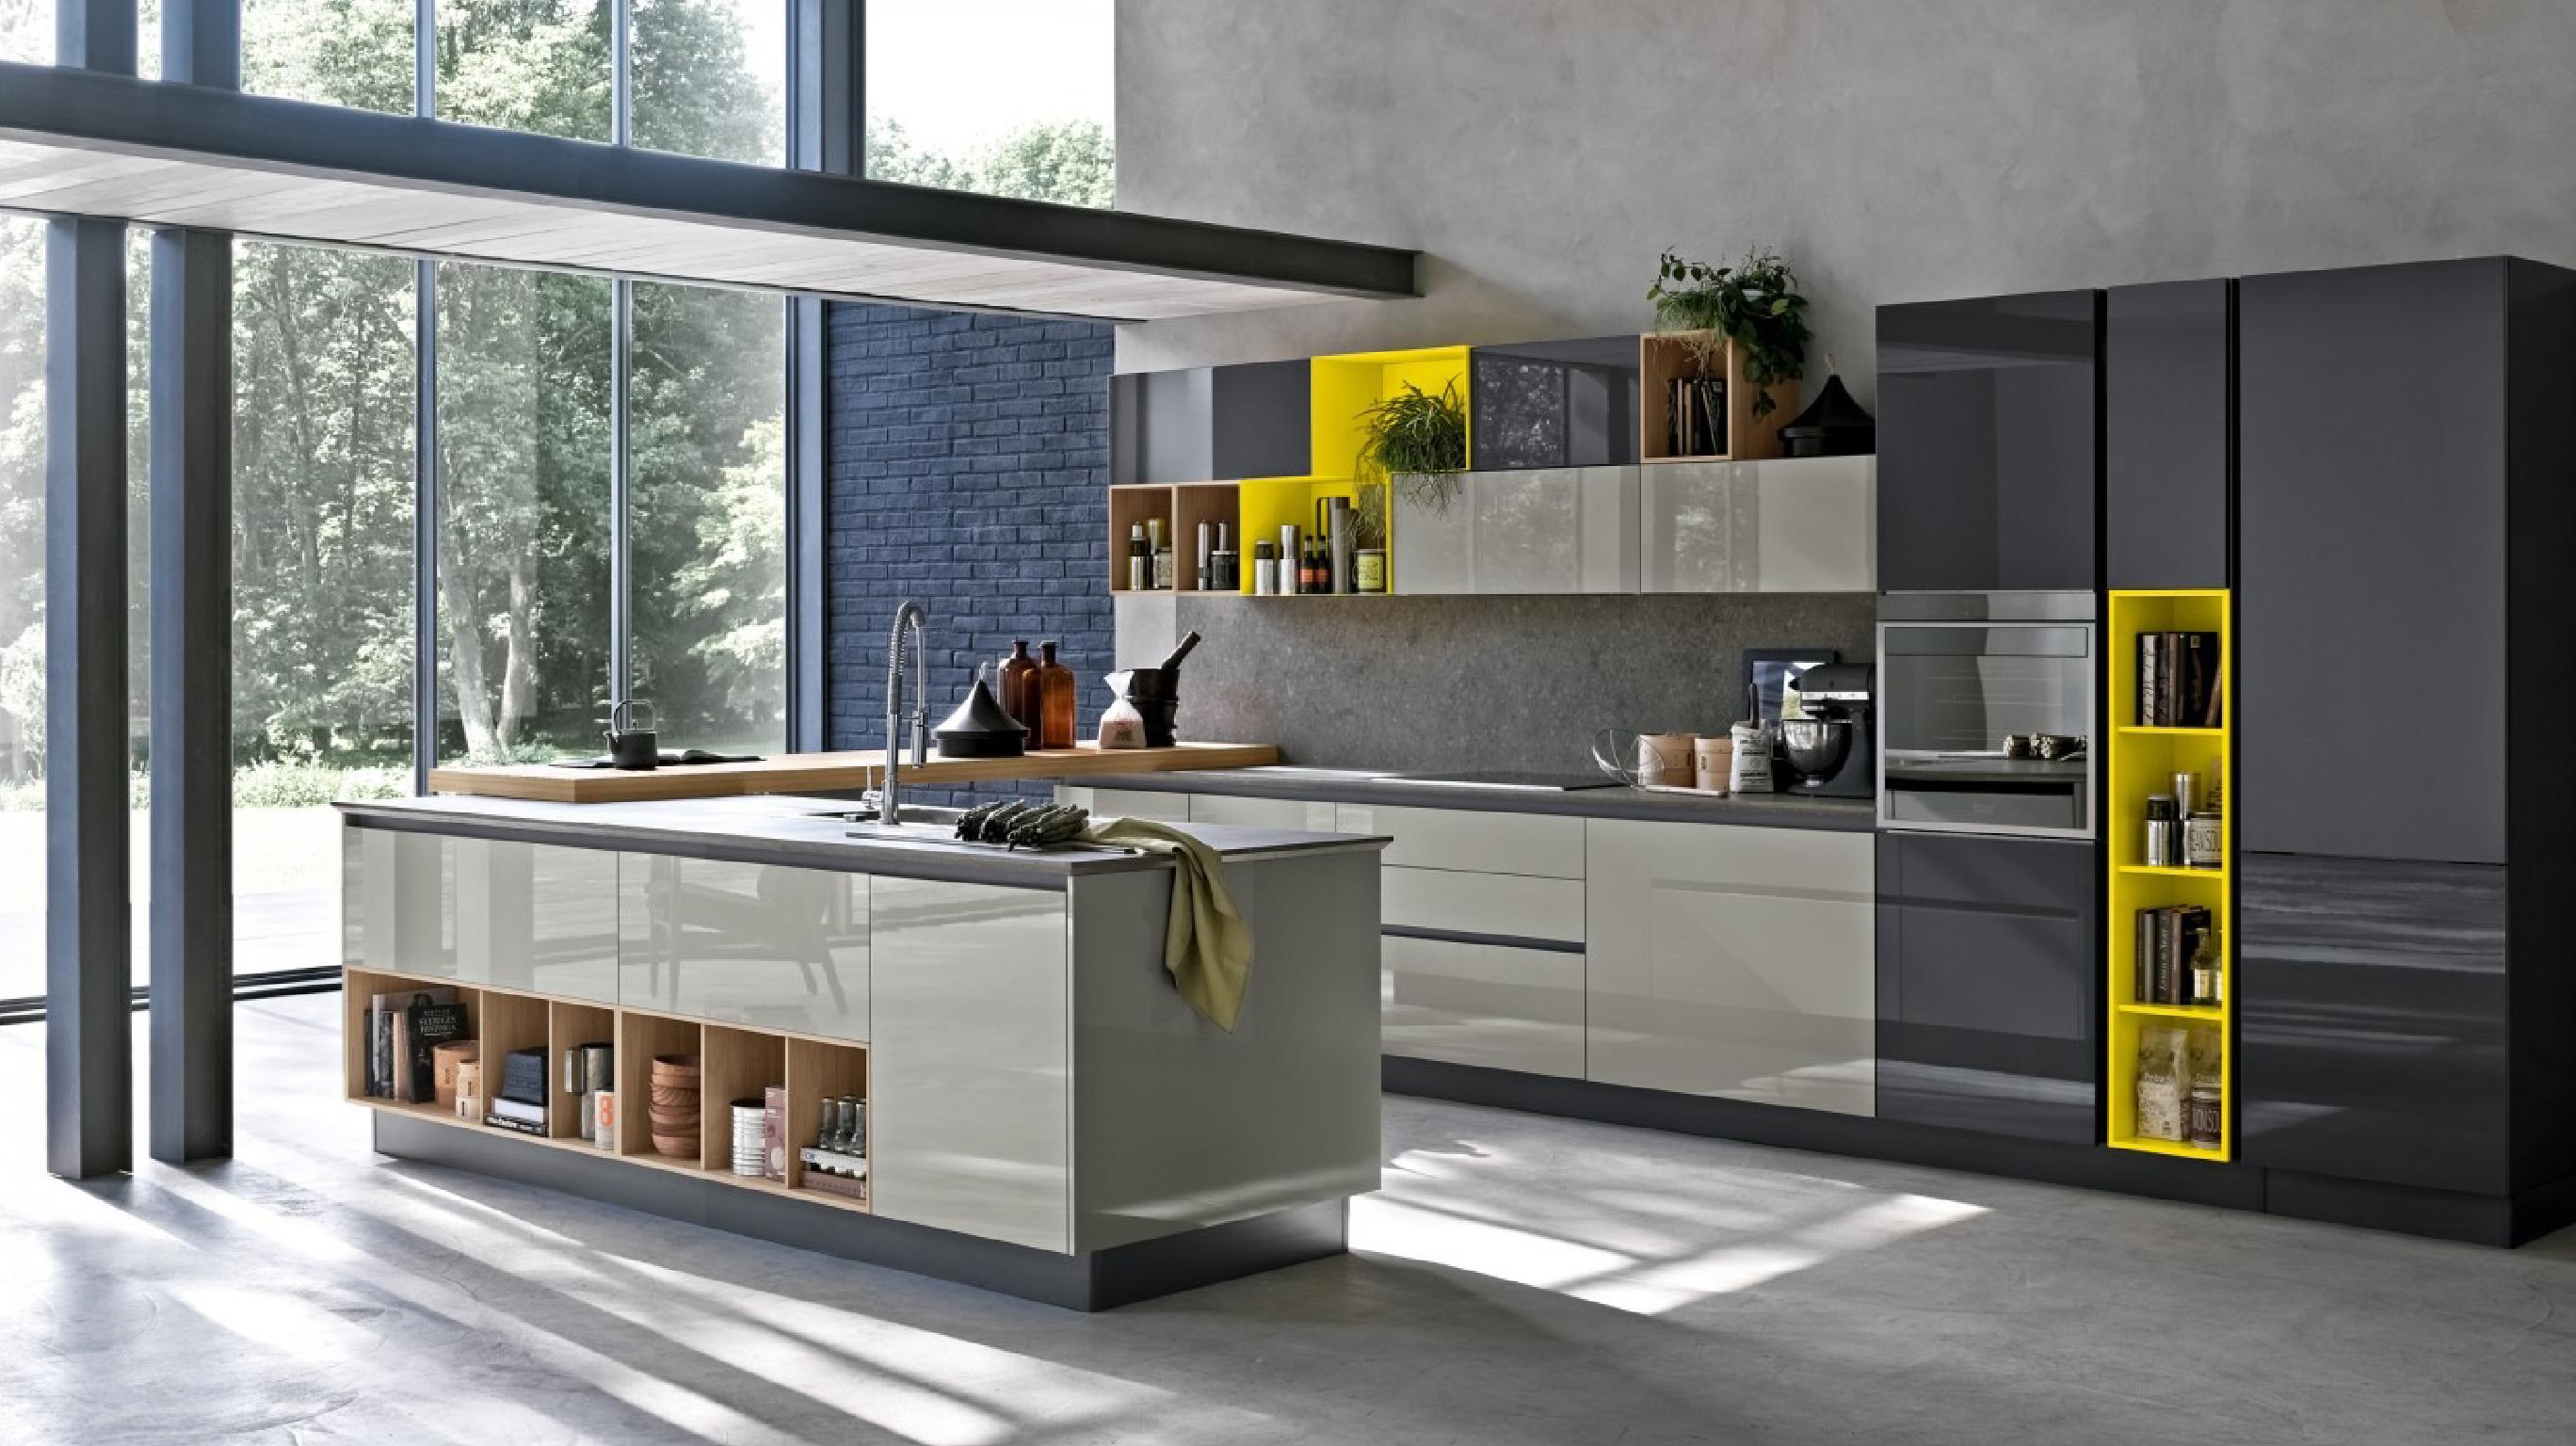 Tấm nhựa EPVC của S8 hay WPB (water proof board) cho tủ bếp